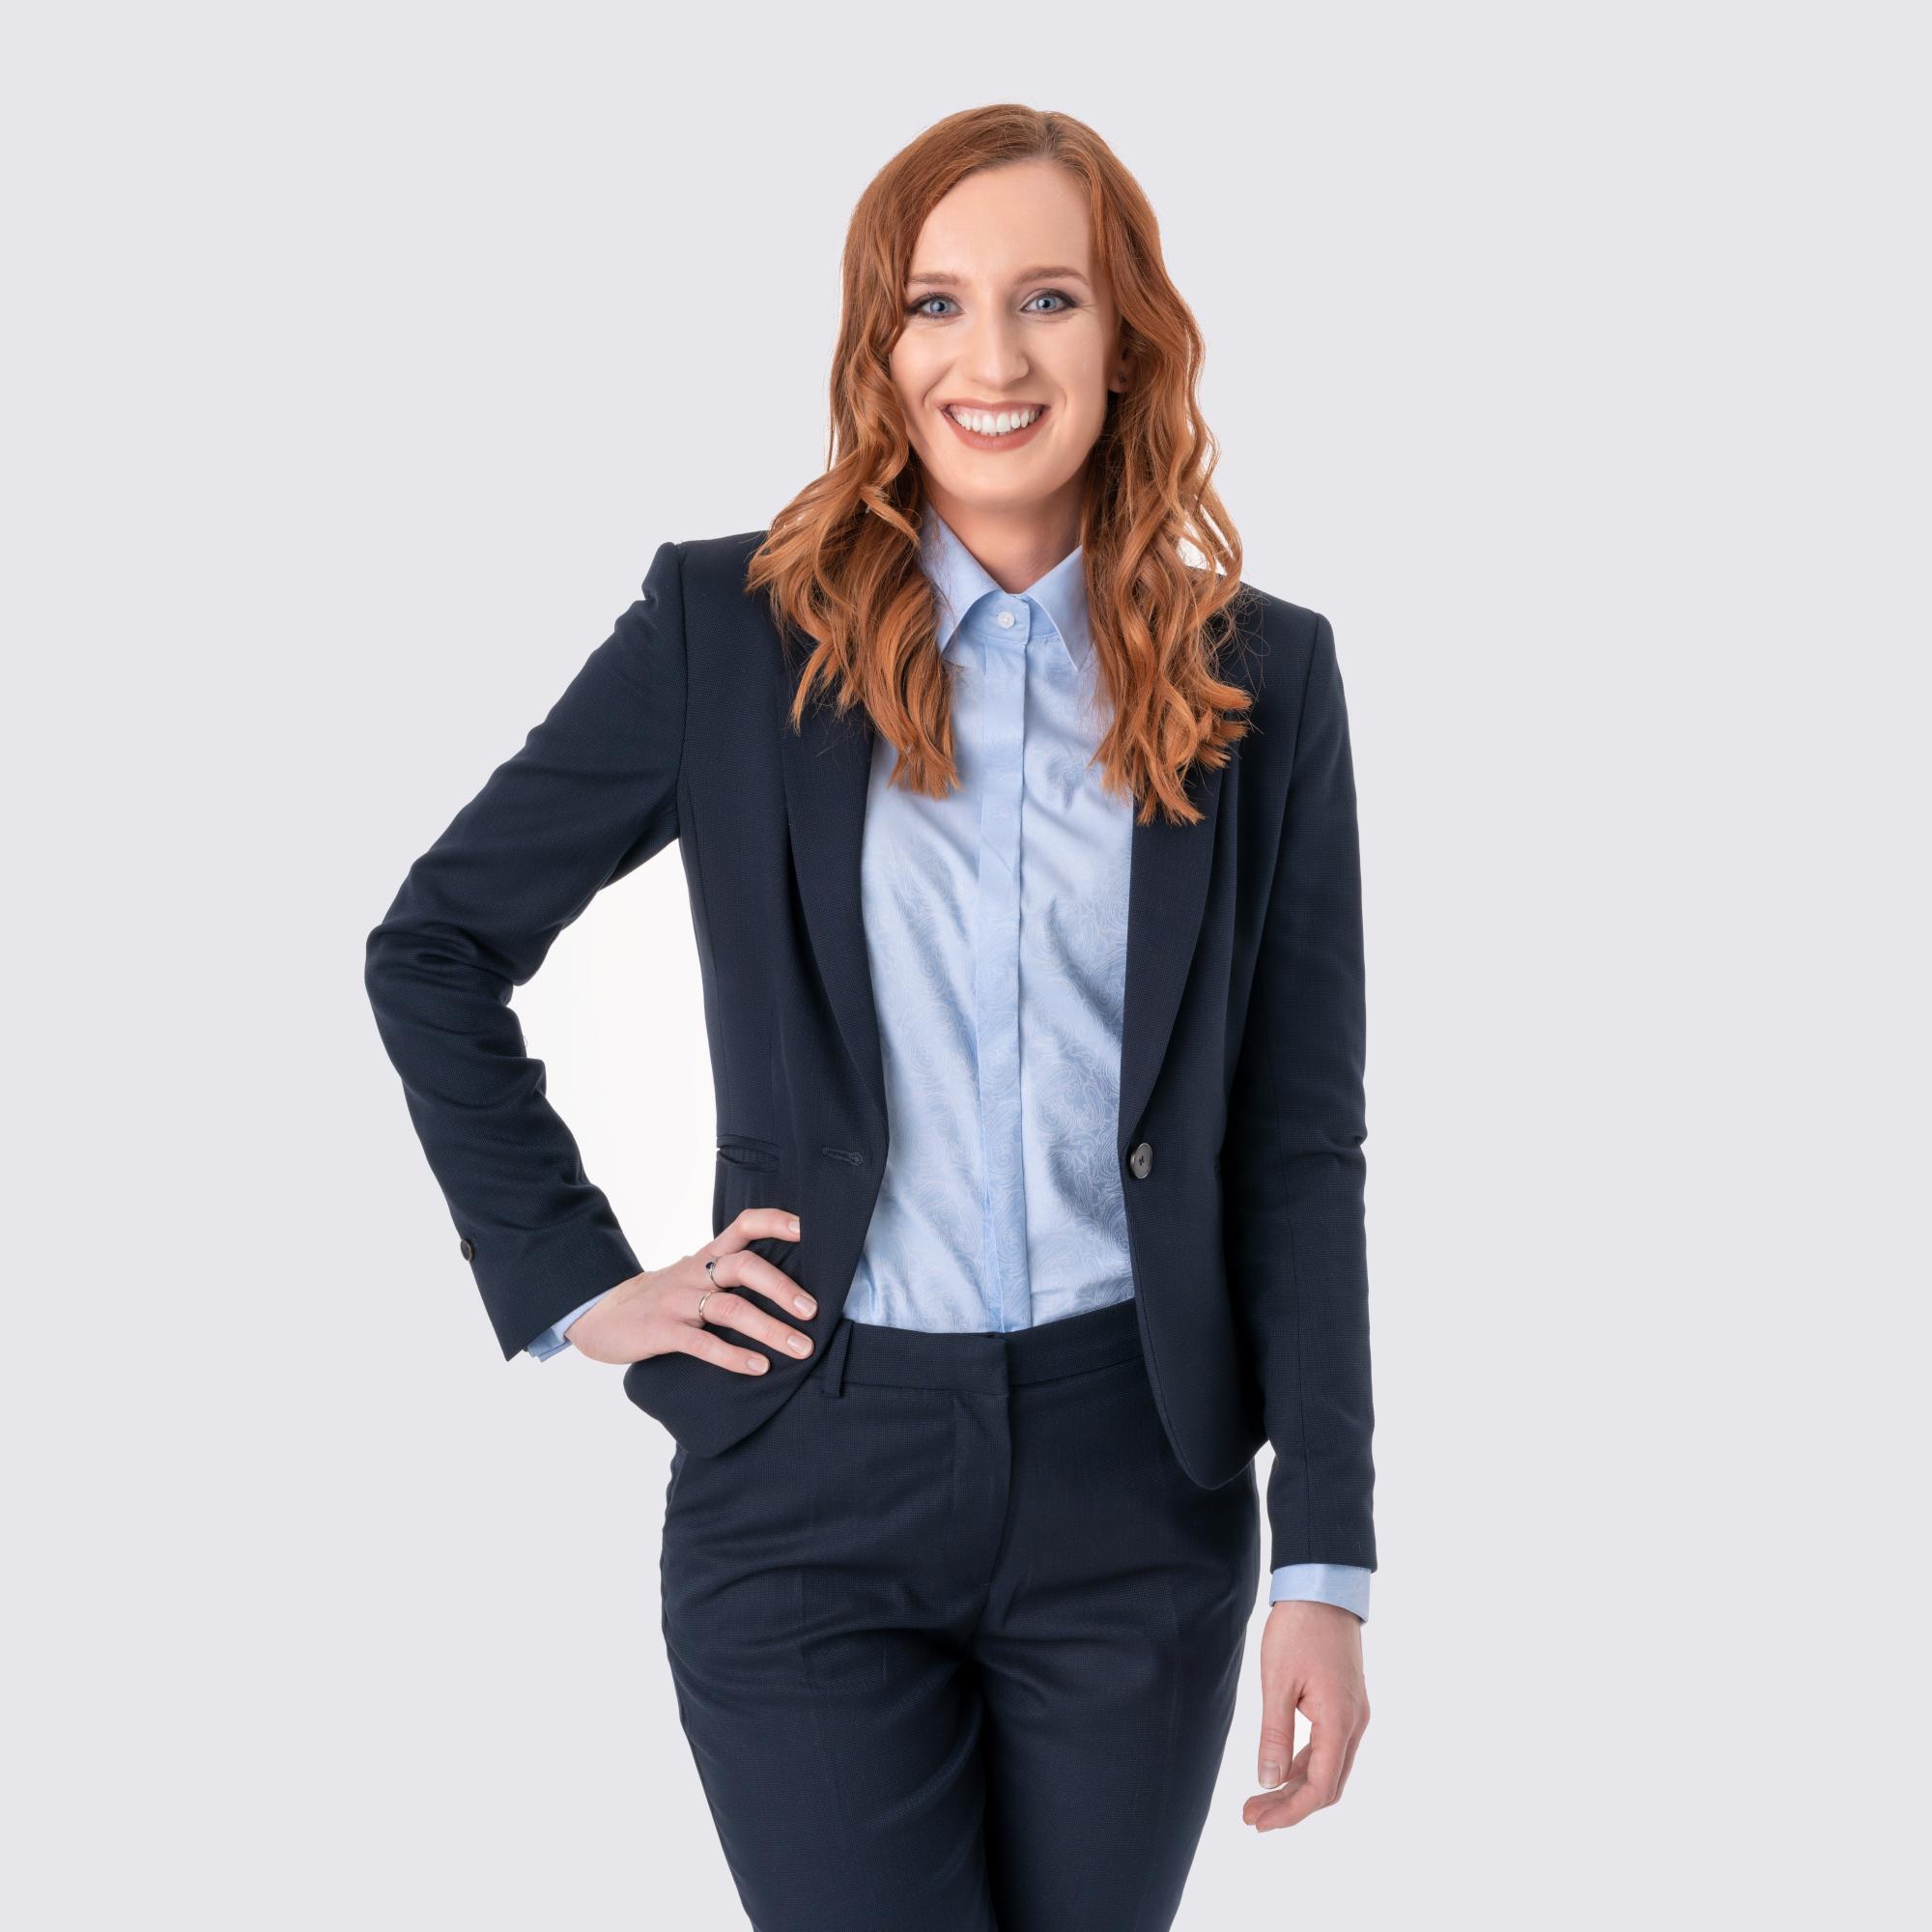 Webinar Experts Anna Prończuk-Omiotek